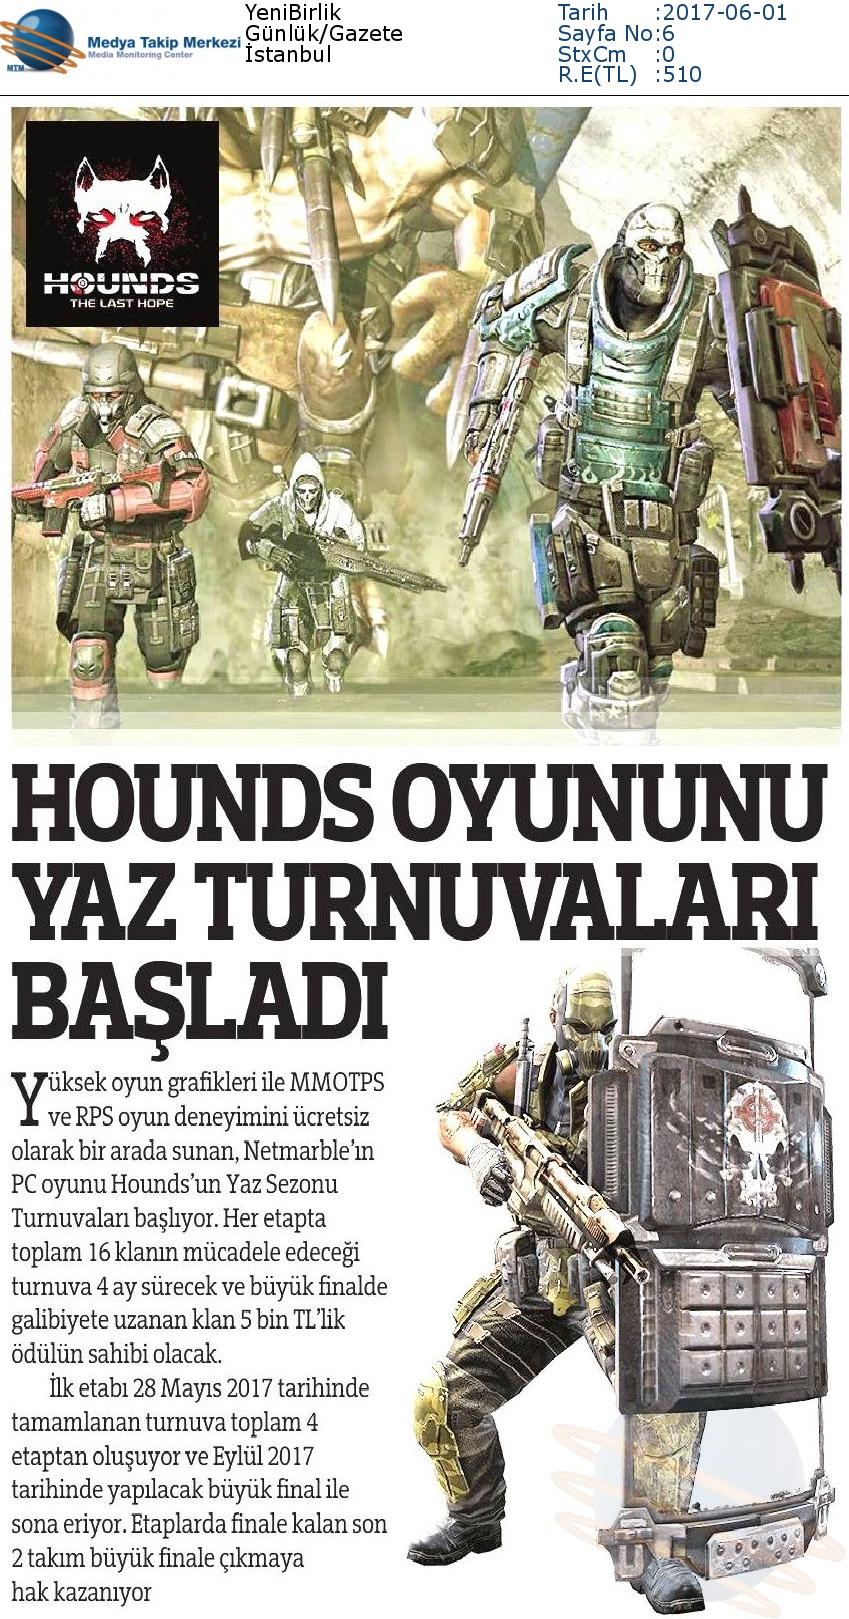 YeniBirlik-HOUNDSOYUNUNU_YAZ_TURNUVALARI_BAŞLADI-01.06.2017